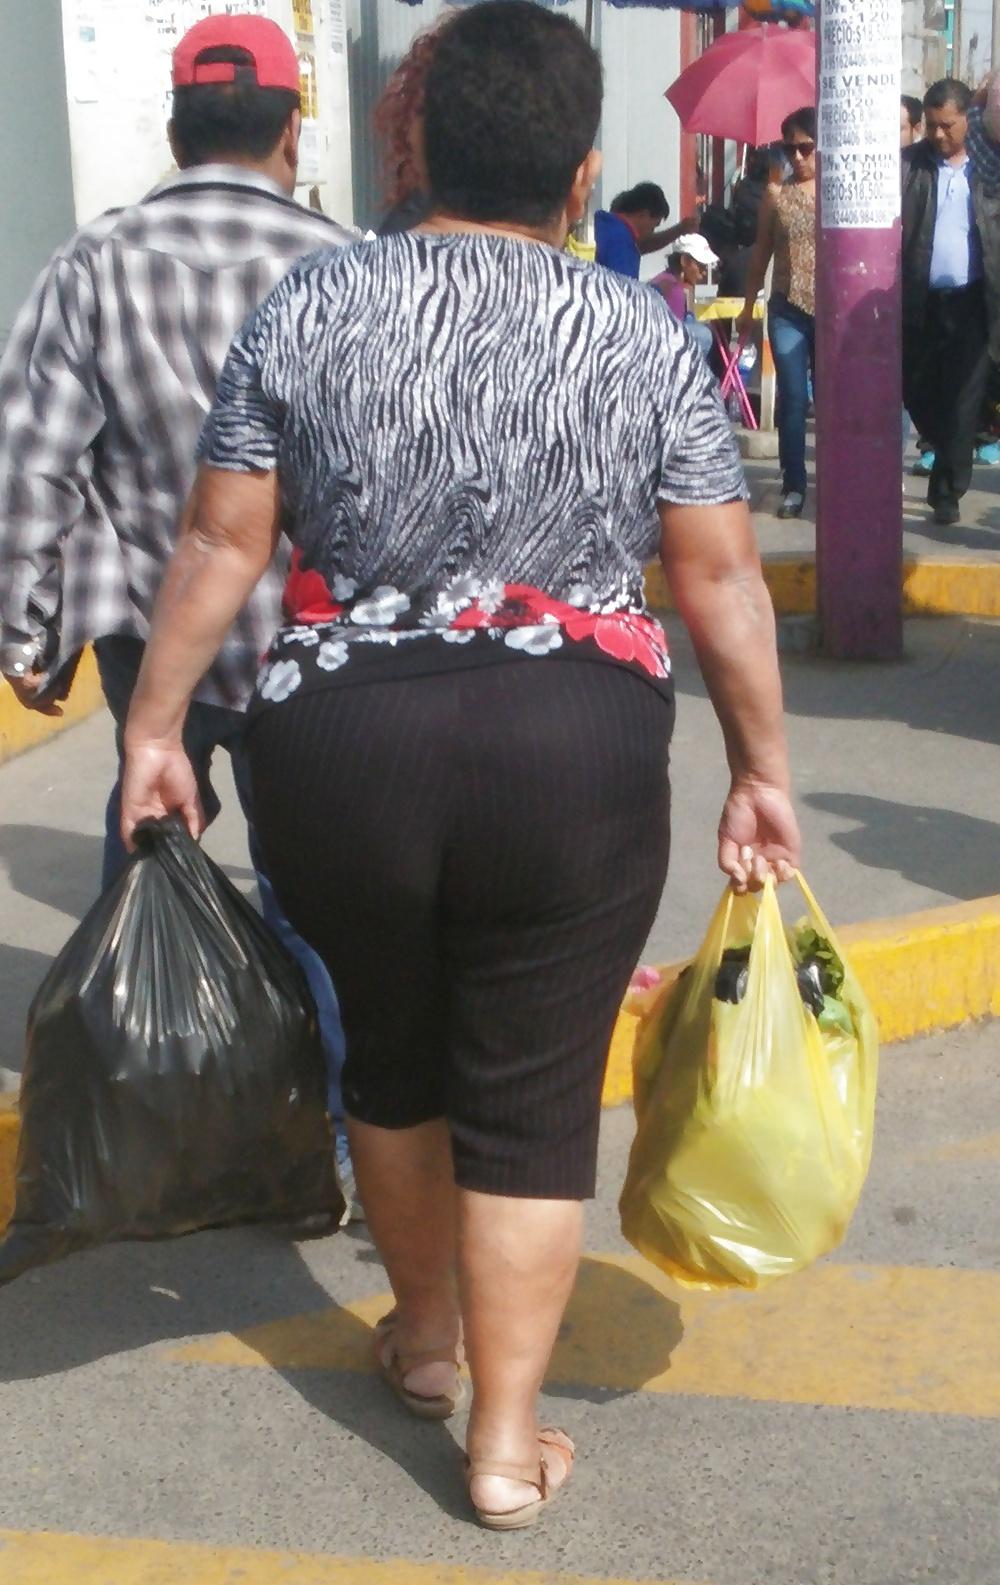 Ancianas Culonas otra abuela culona que provoca - 11 pics | xhamster